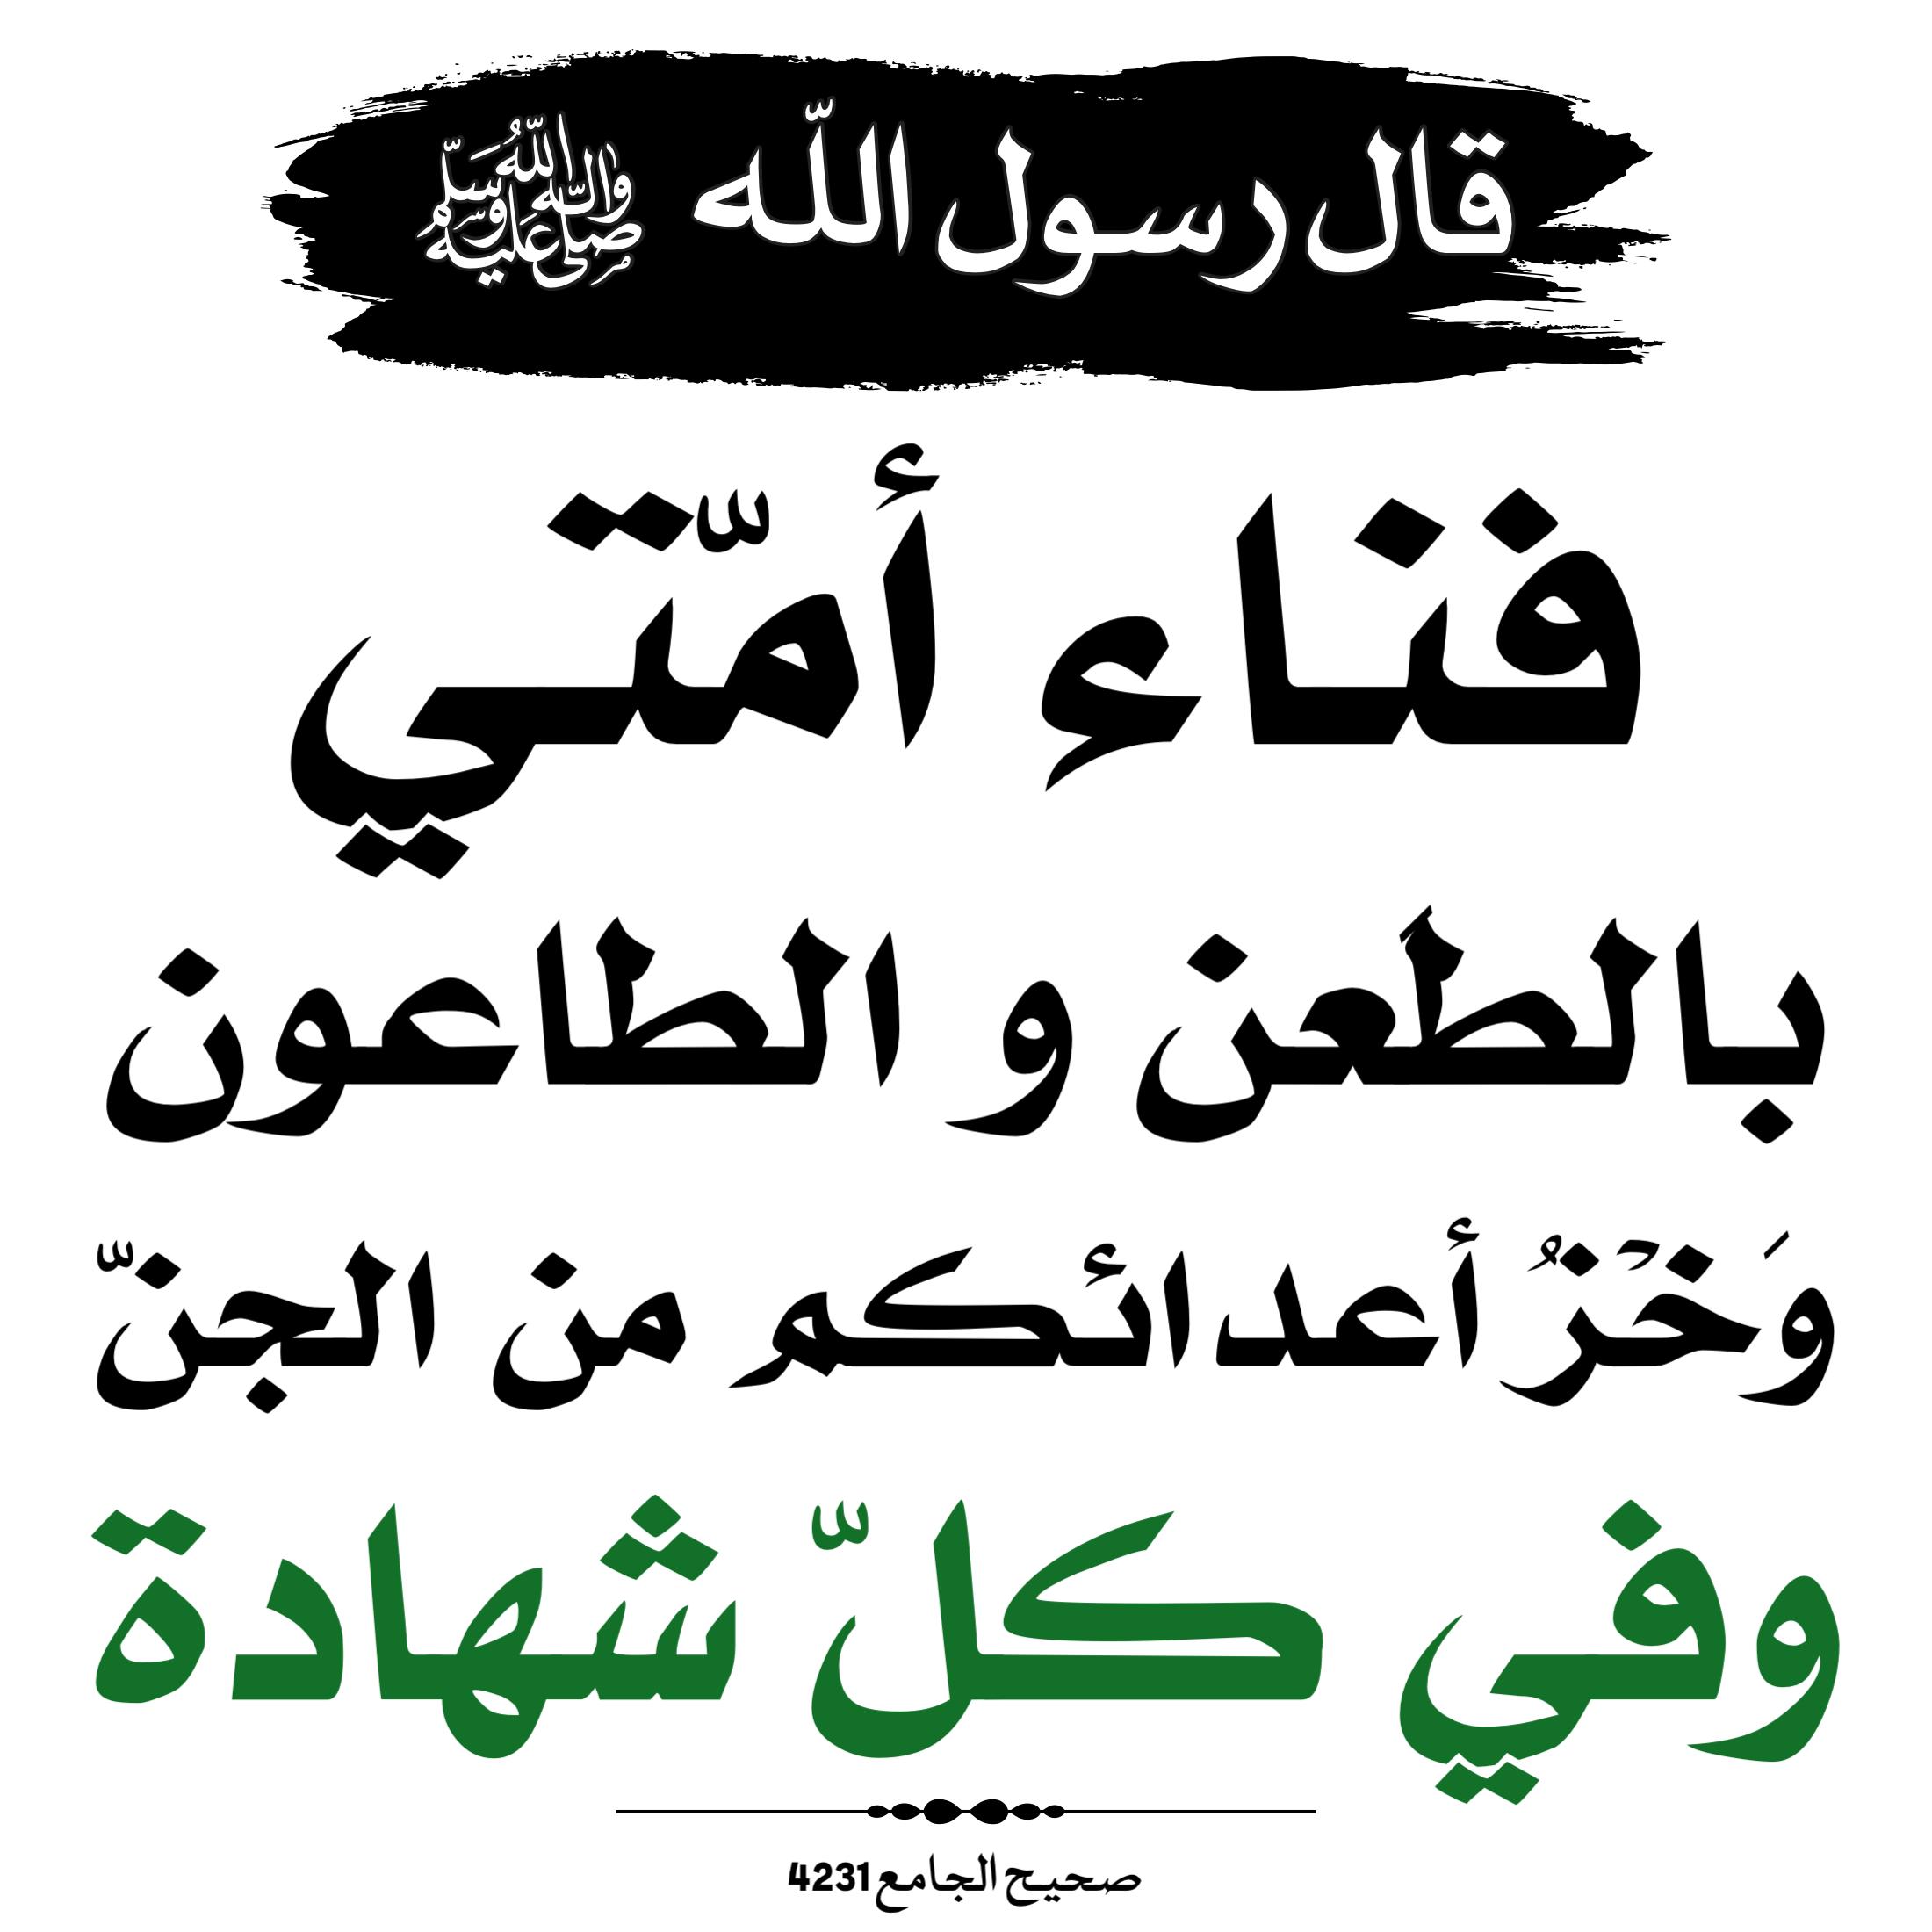 Pin By الأثر الجميل On أحاديث نبوية Islamic Quotes Islamic Phrases Islamic Quotes Quran